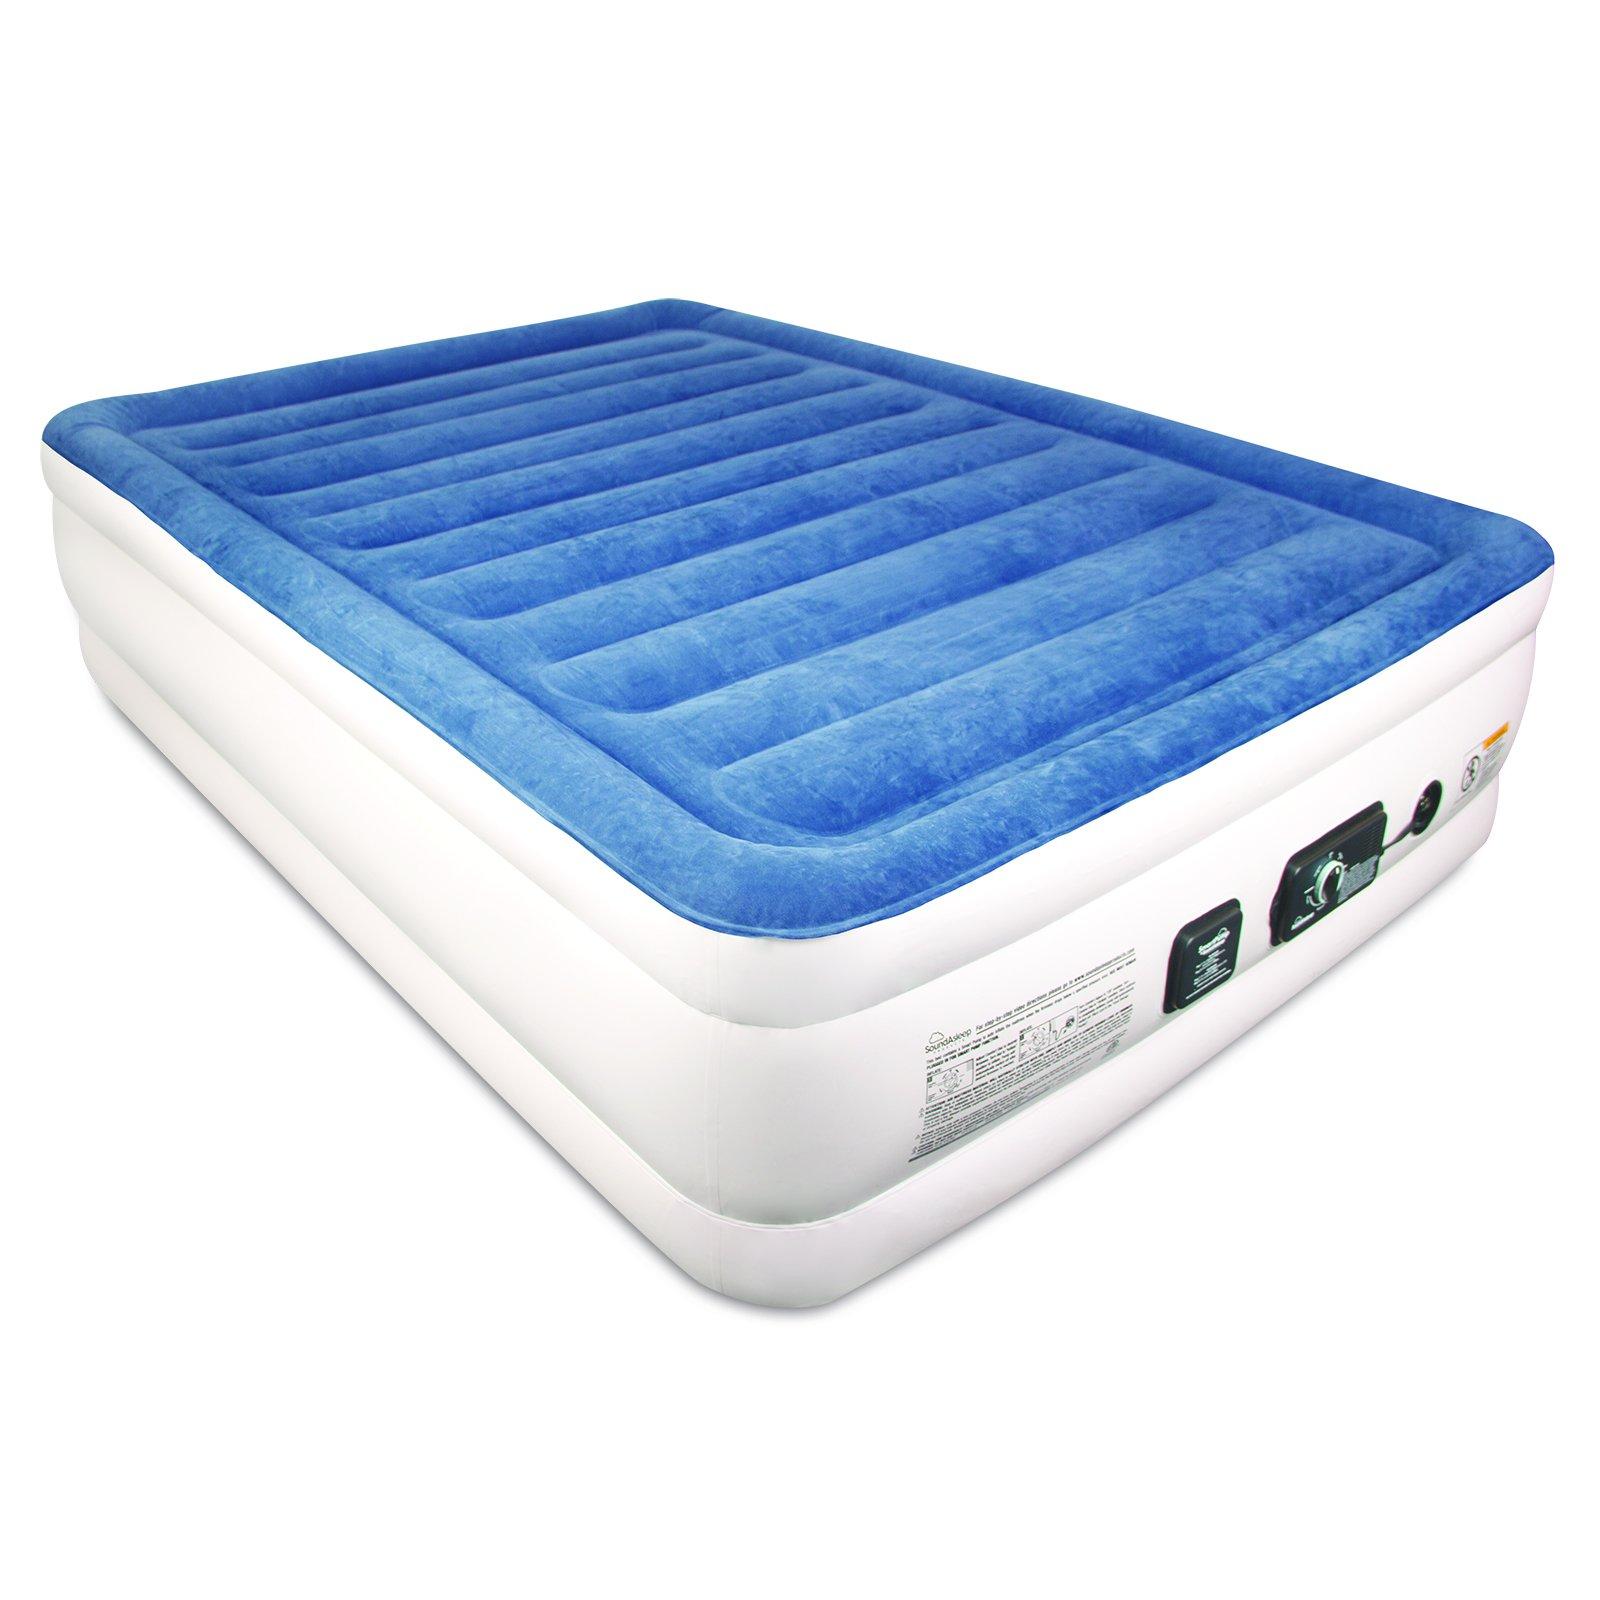 Lightspeed Outdoors Pvc Free Dual Chamber Camp Air Mat